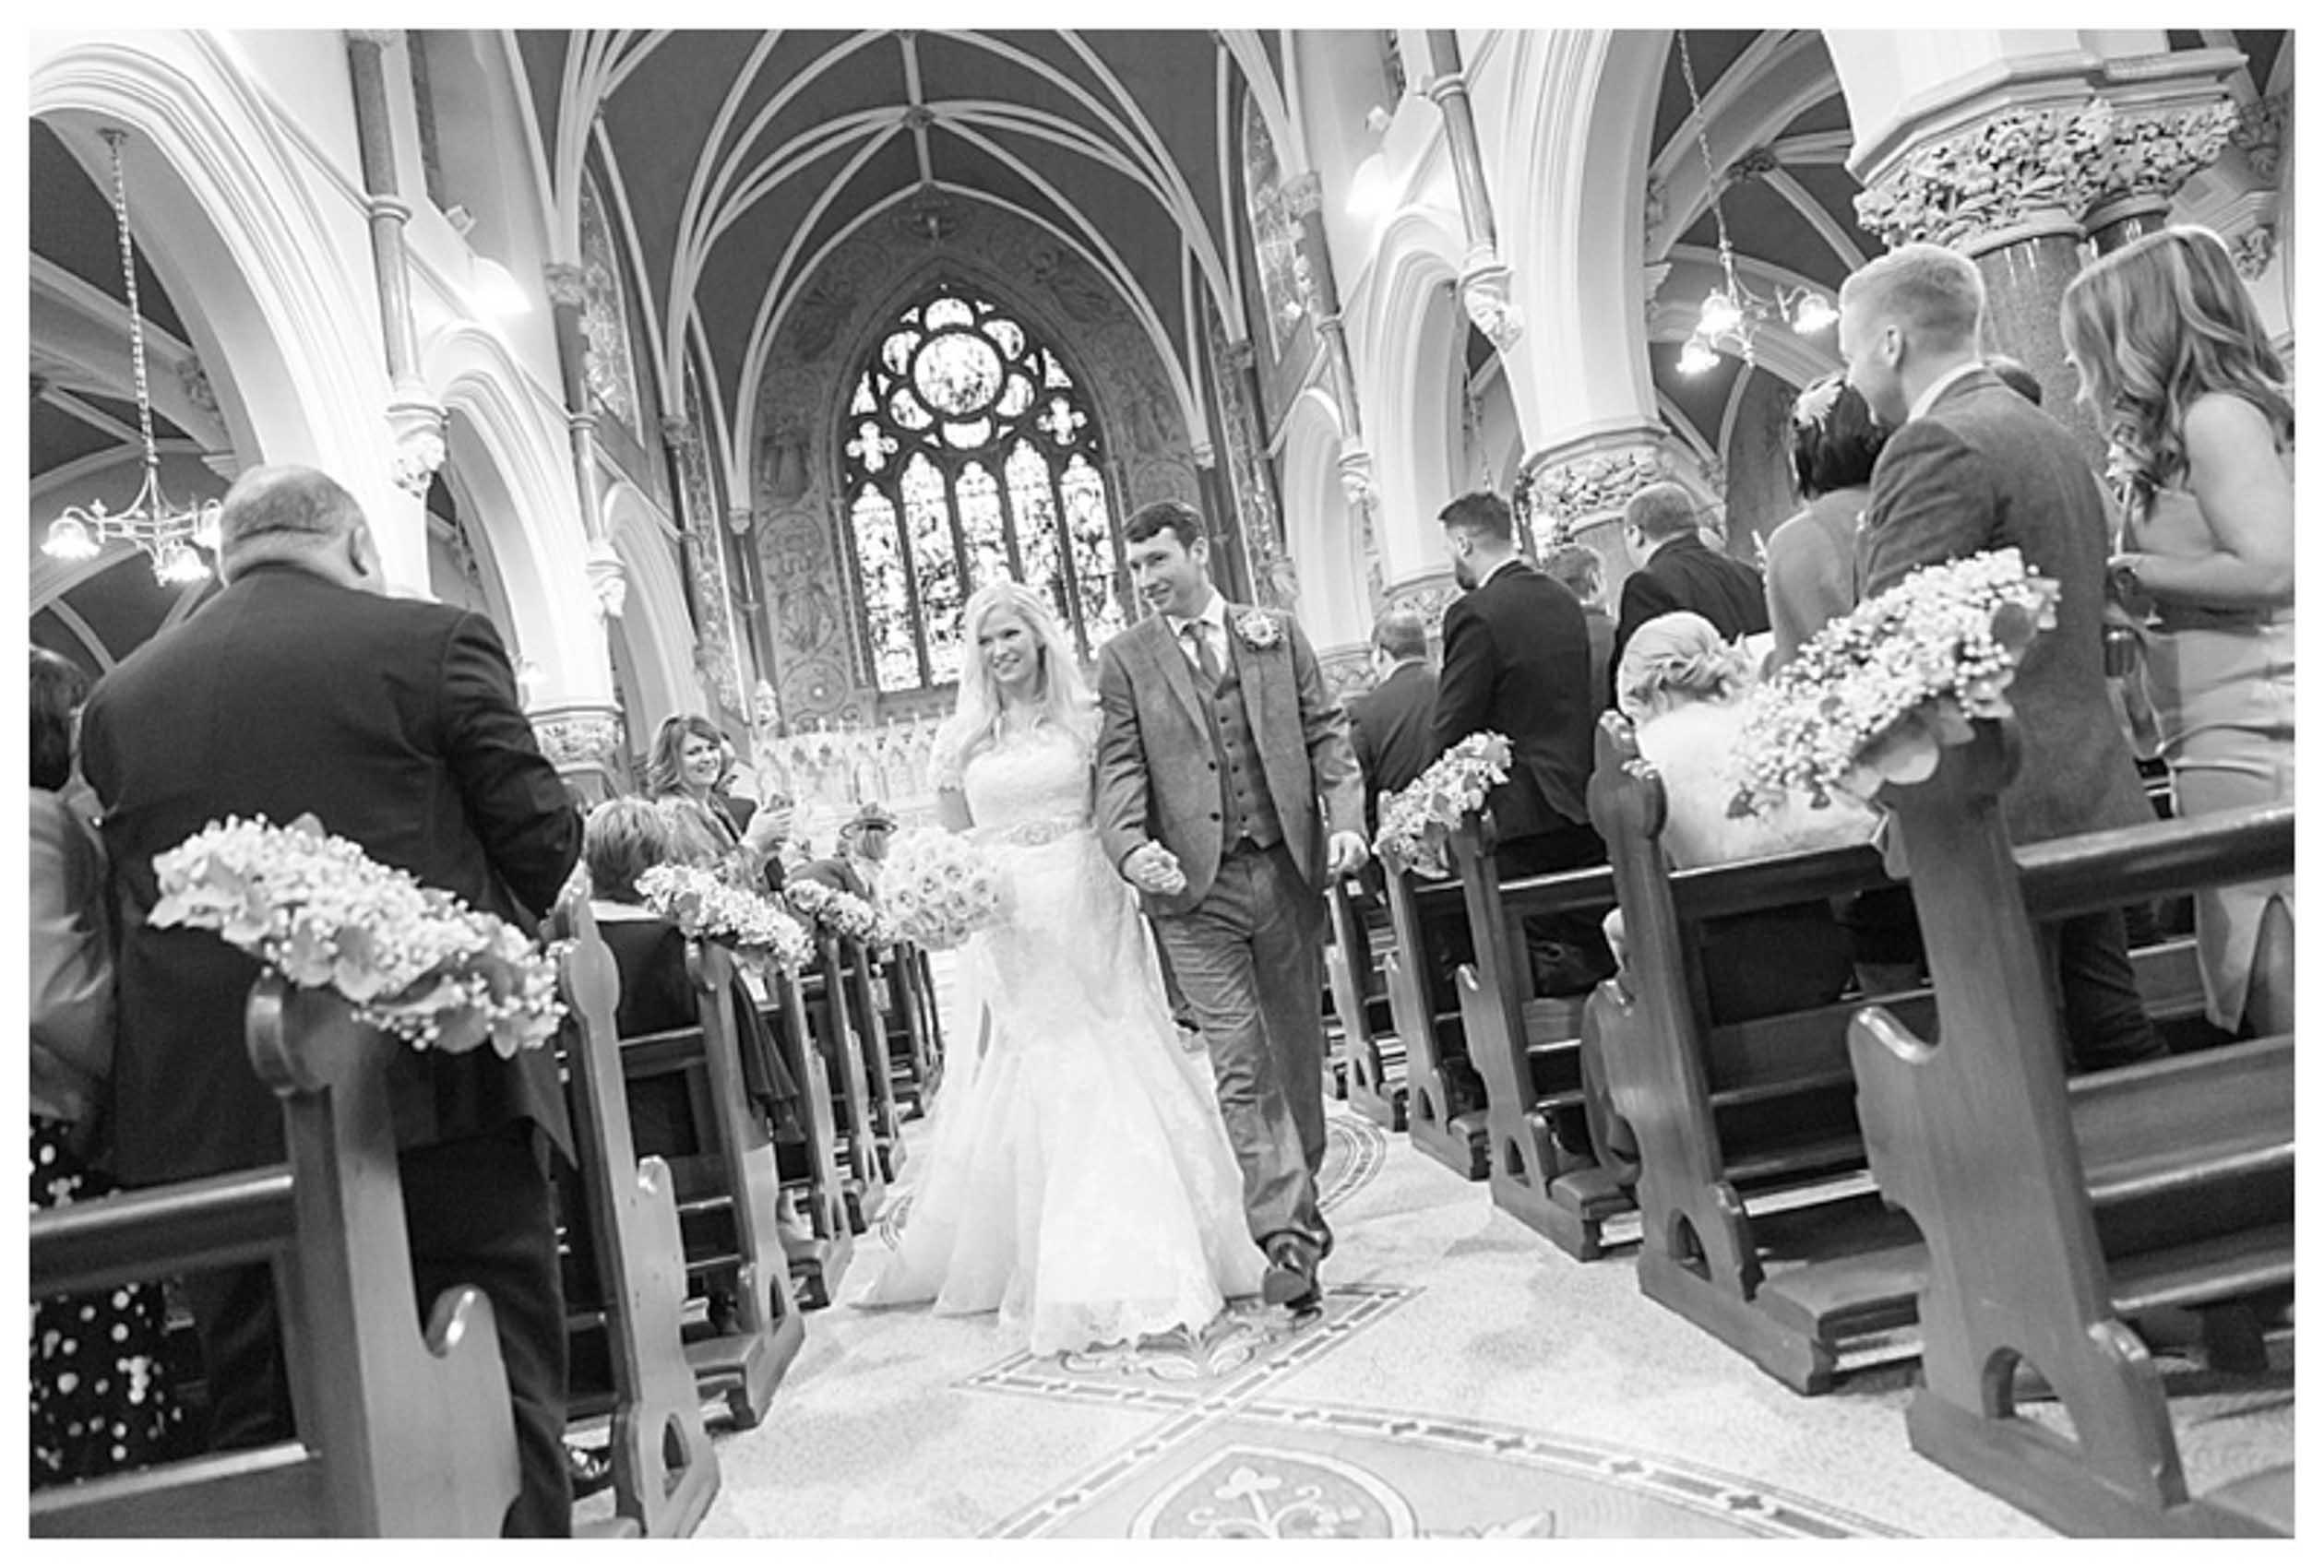 Larchfield Estate Wedding Photography by Ricky Parker Photography 39